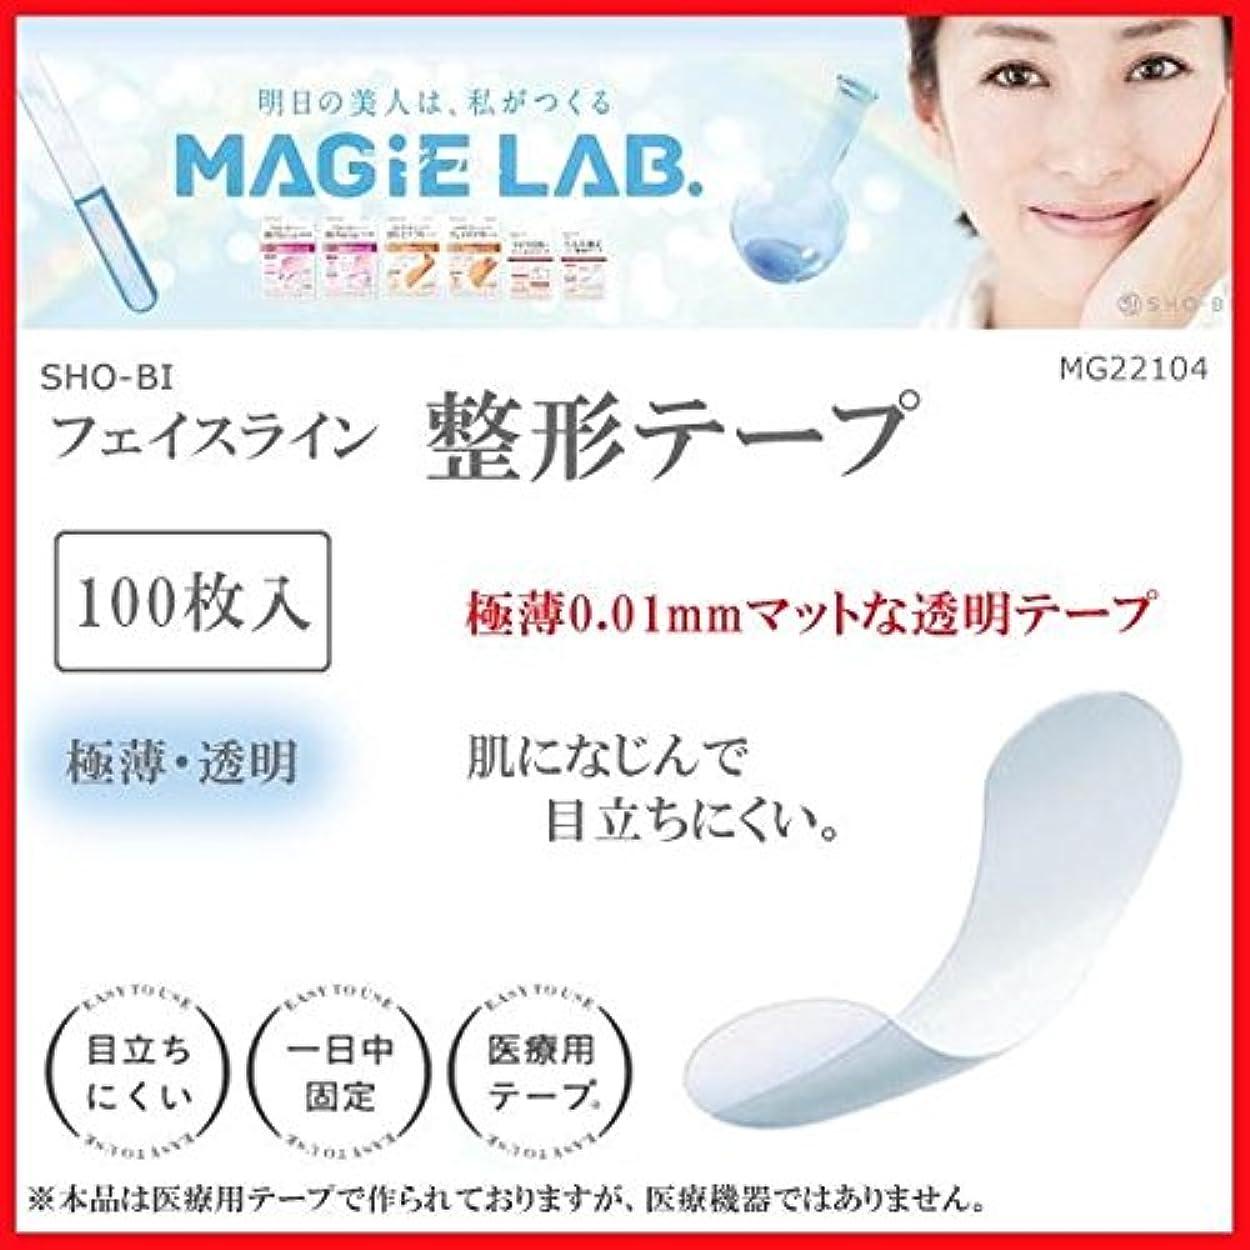 事実上正午敬の念SHO-BI MAGiE LAB.(マジラボ) フェイスライン整形テープ 100枚入 MG22104